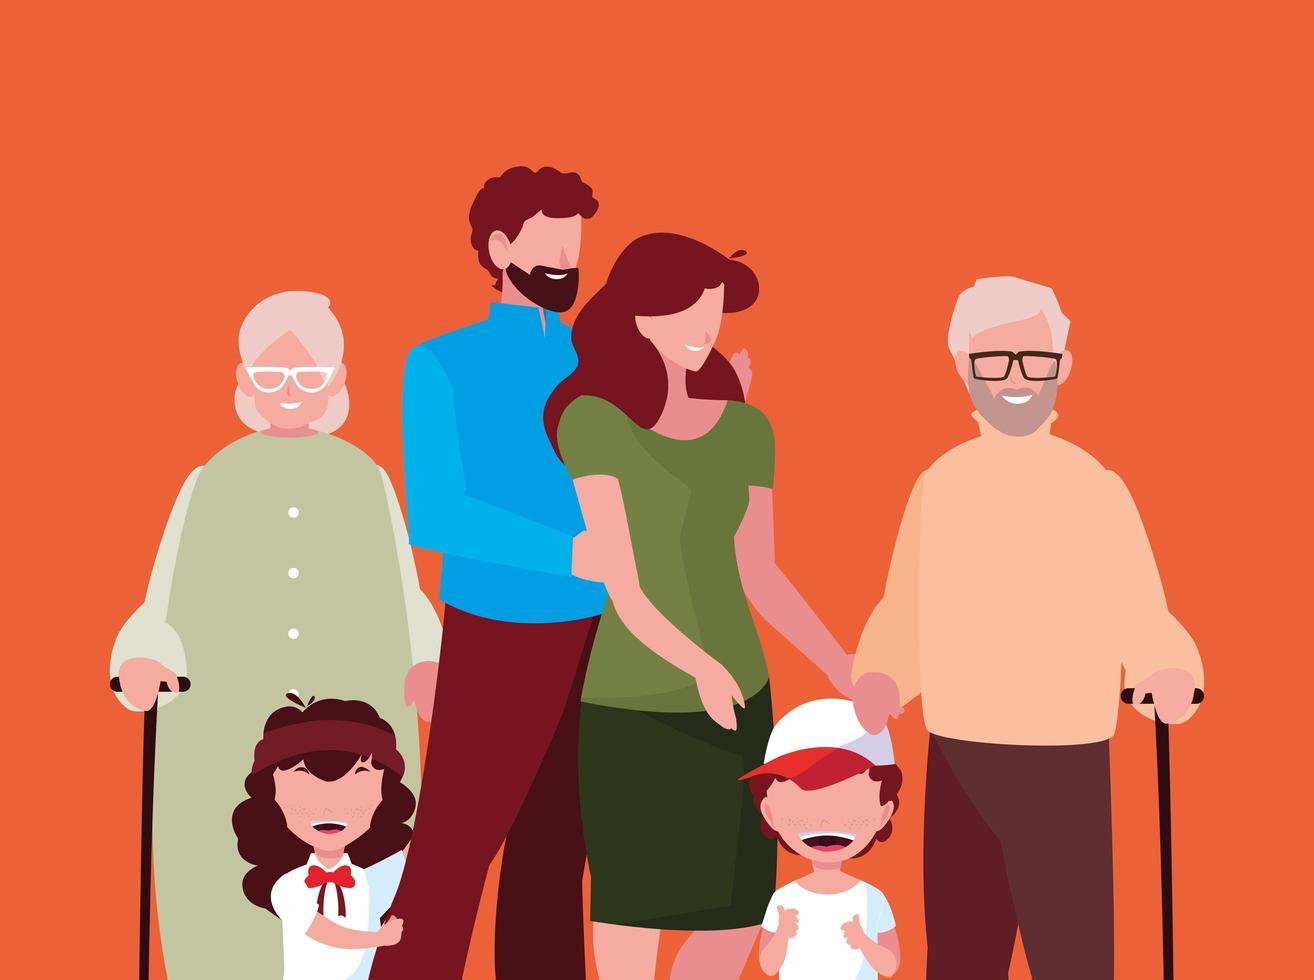 personagens de membros da família vetor